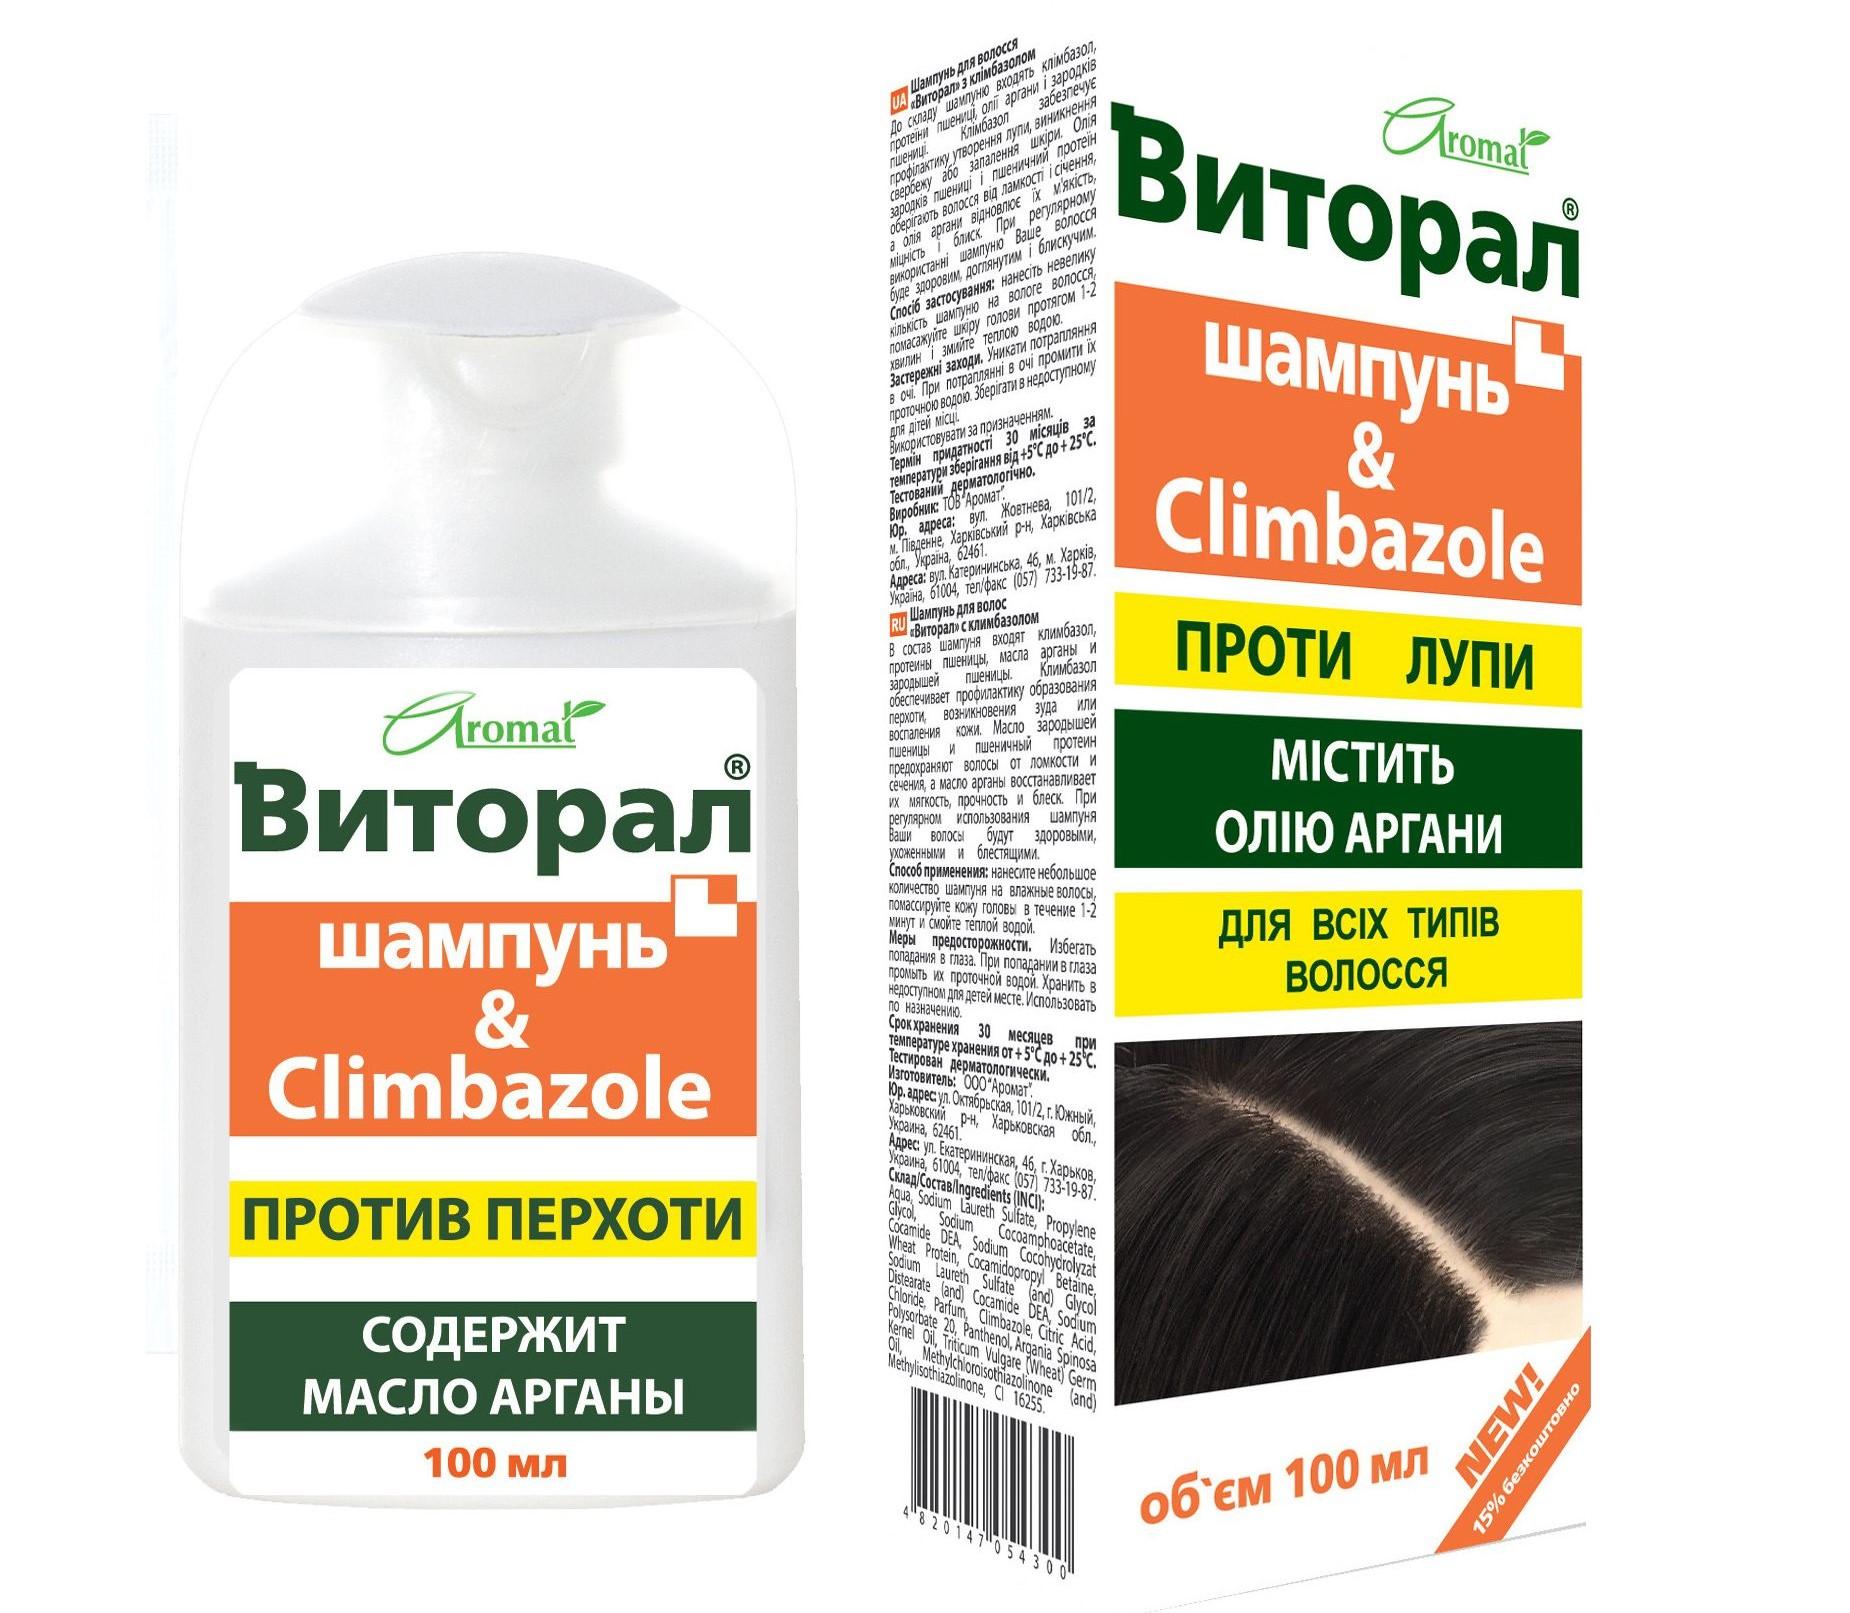 шампунь от перхоти Виторал с кетоконазолом